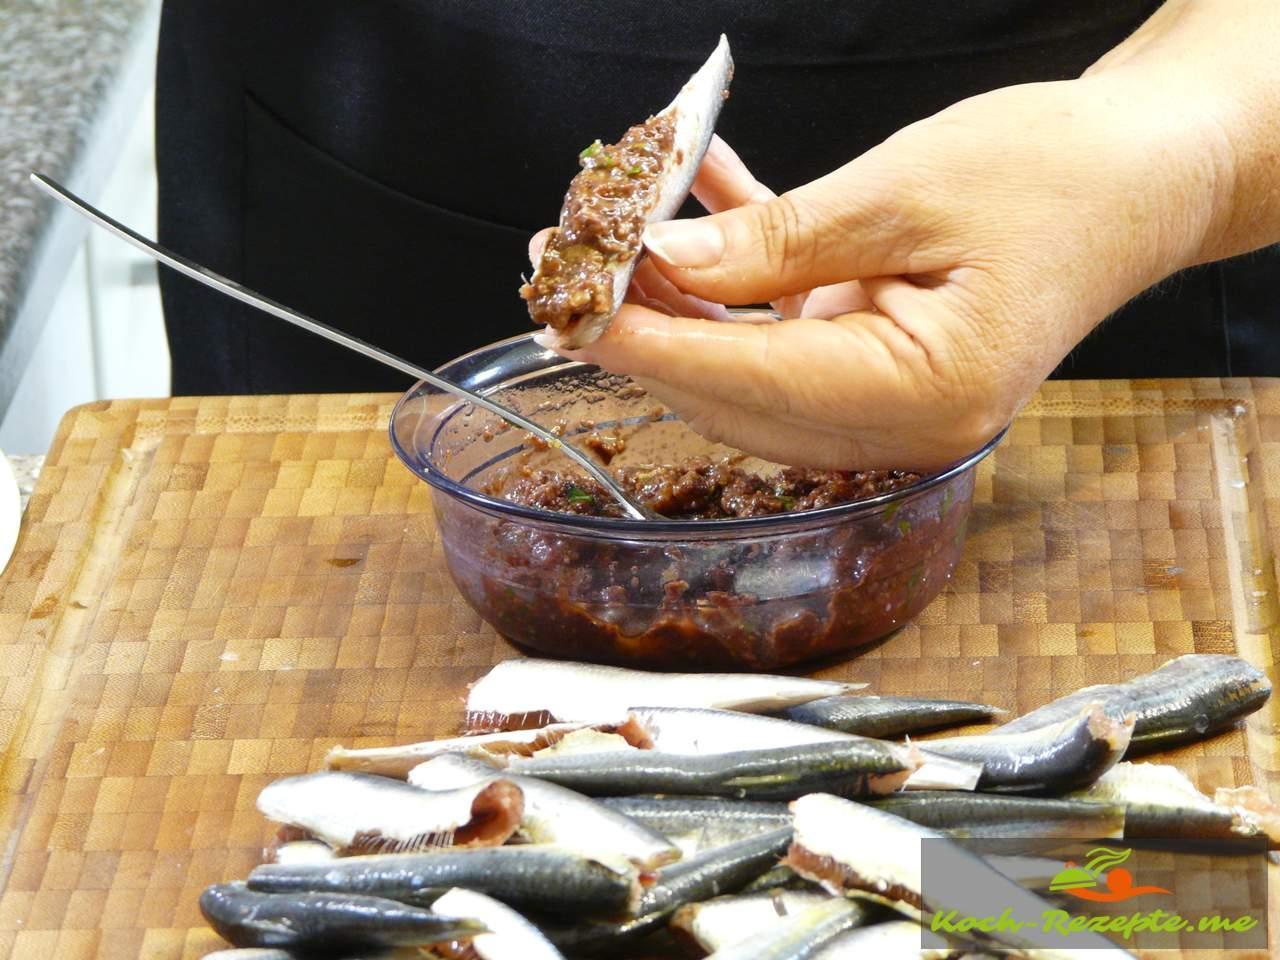 Sardelle mit Tomaten-Oliven-Brot Füllung füllen